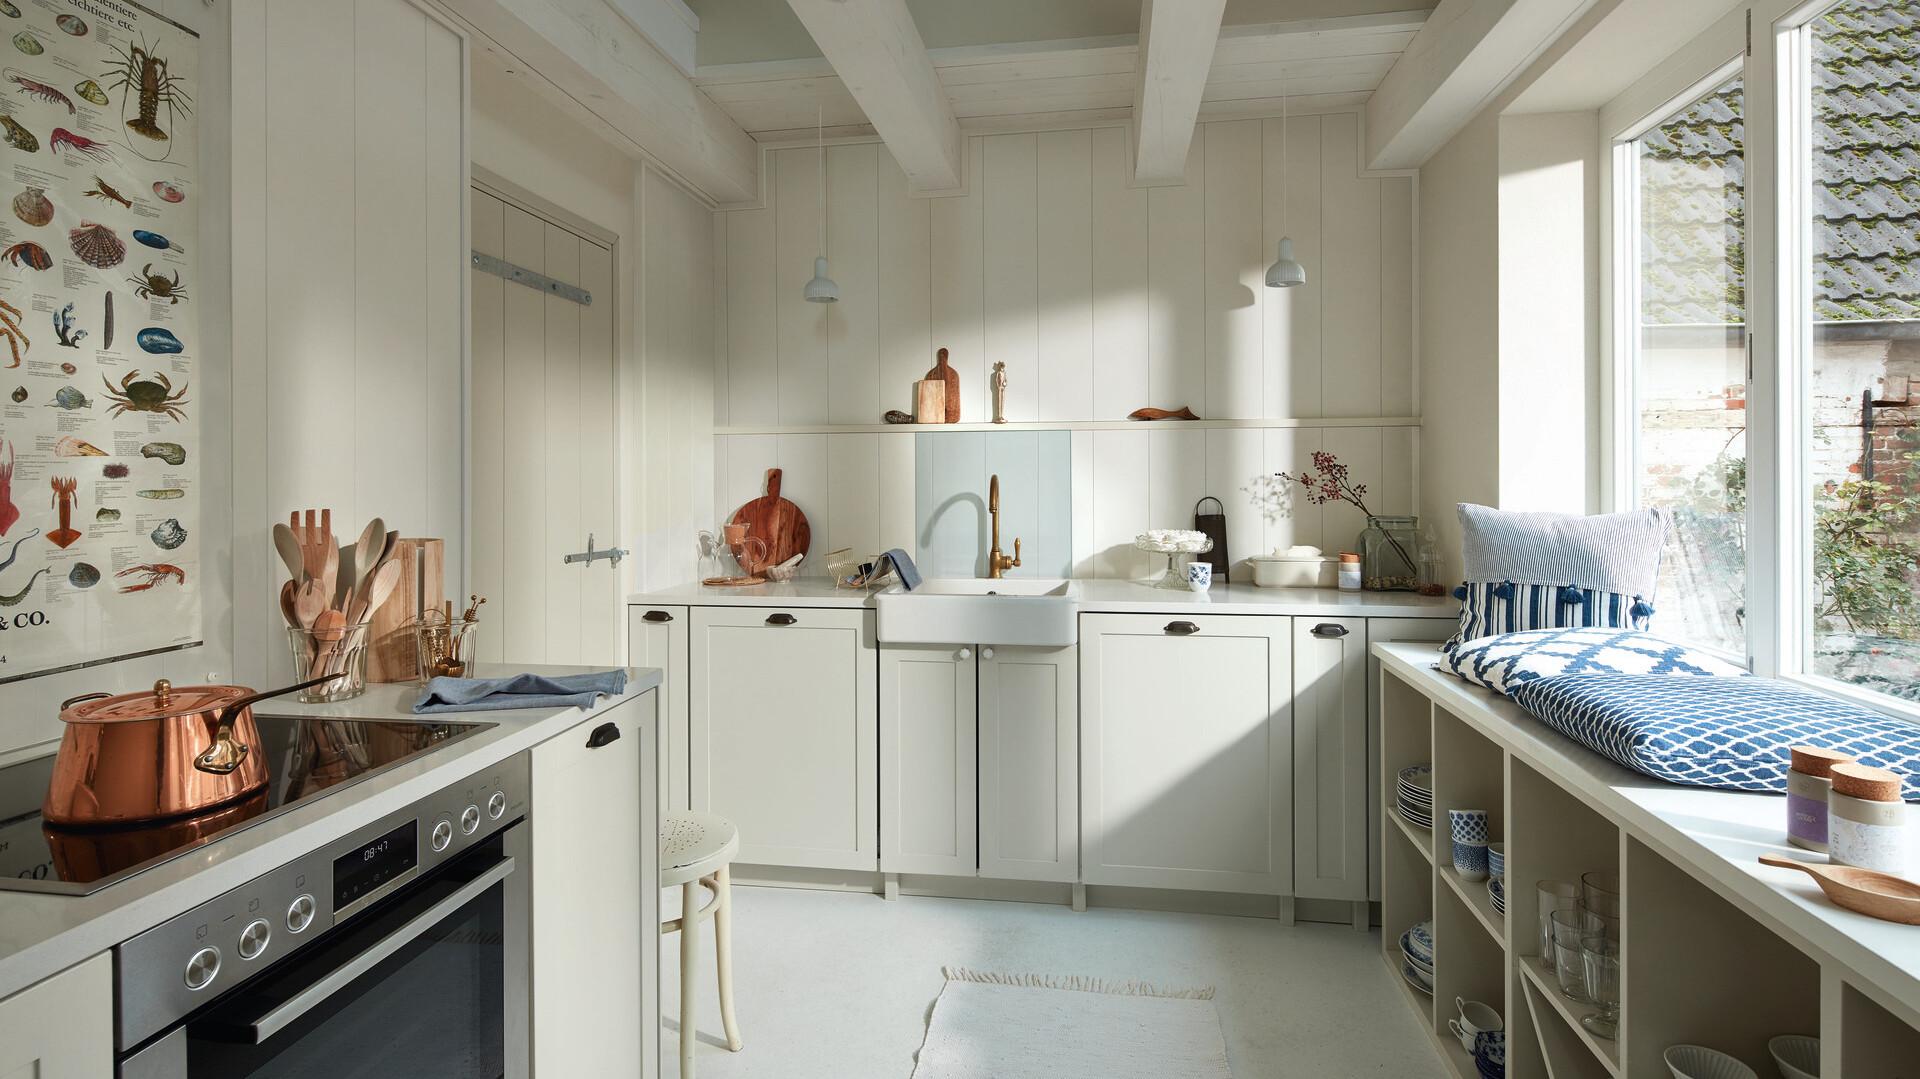 Weiße Wandverkleidung in der Küche